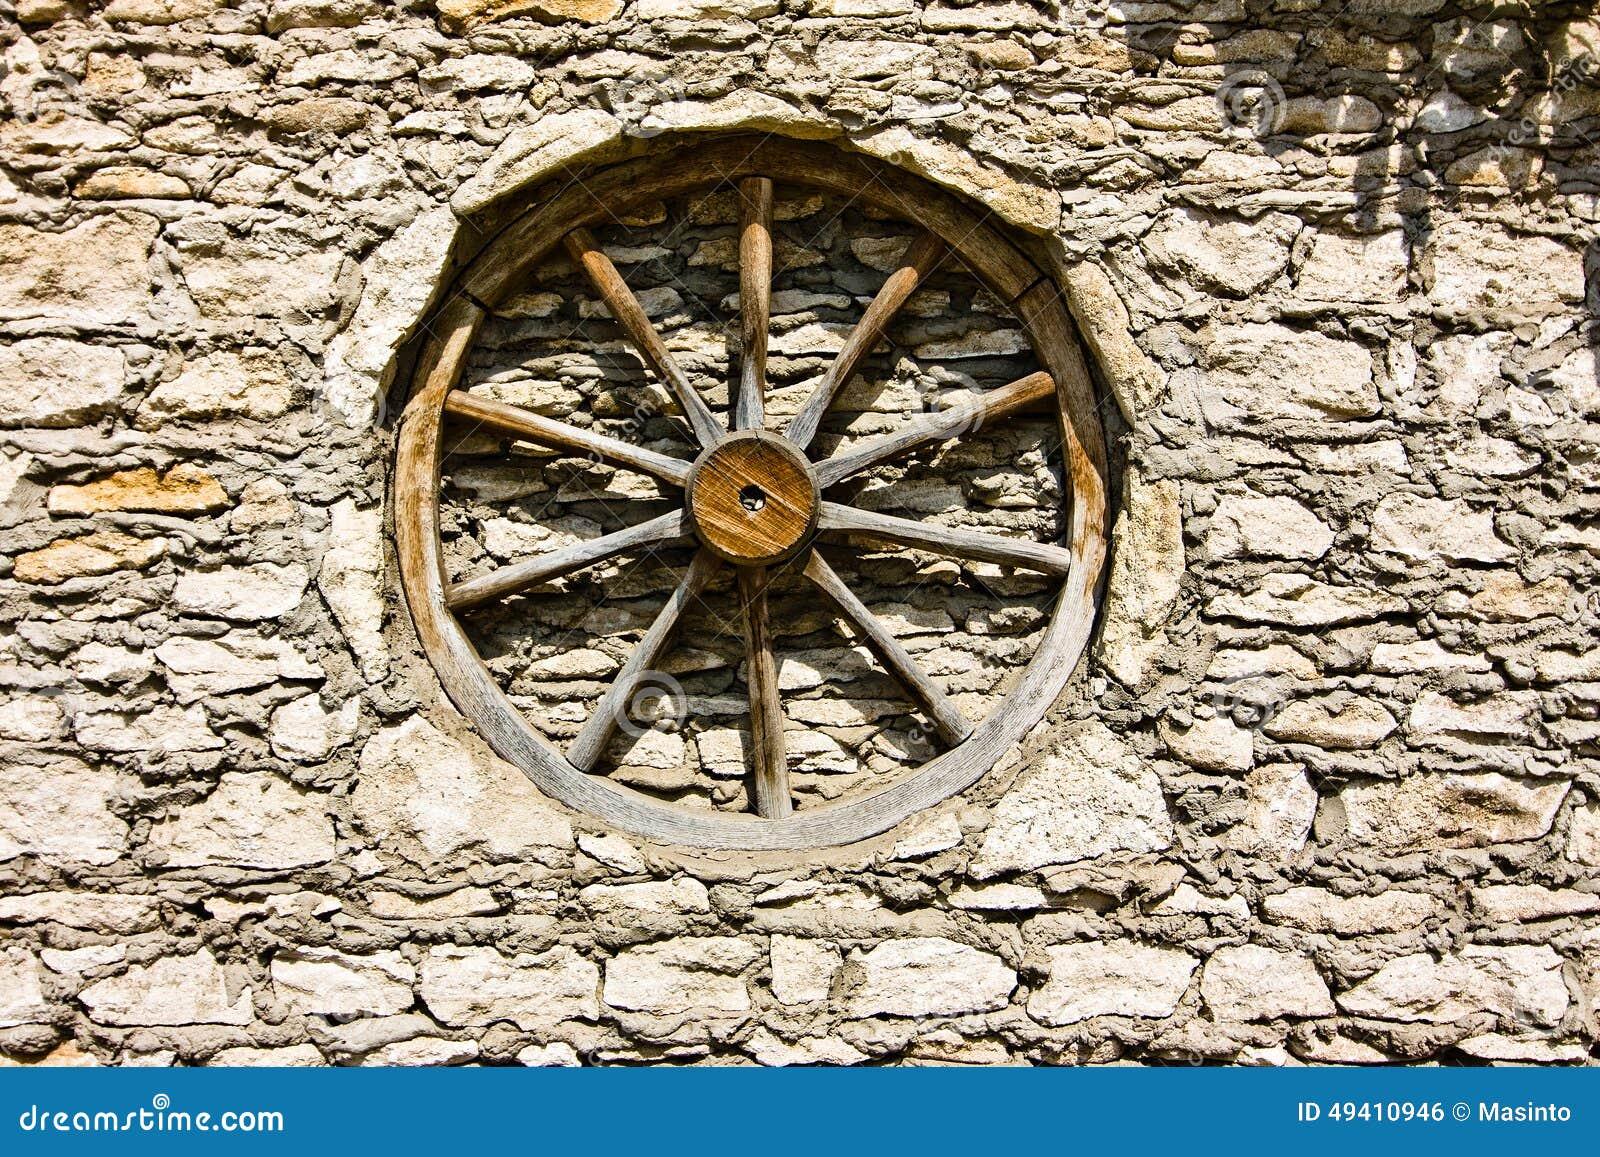 Download Rad vom wain in der Wand stockfoto. Bild von land, muster - 49410946